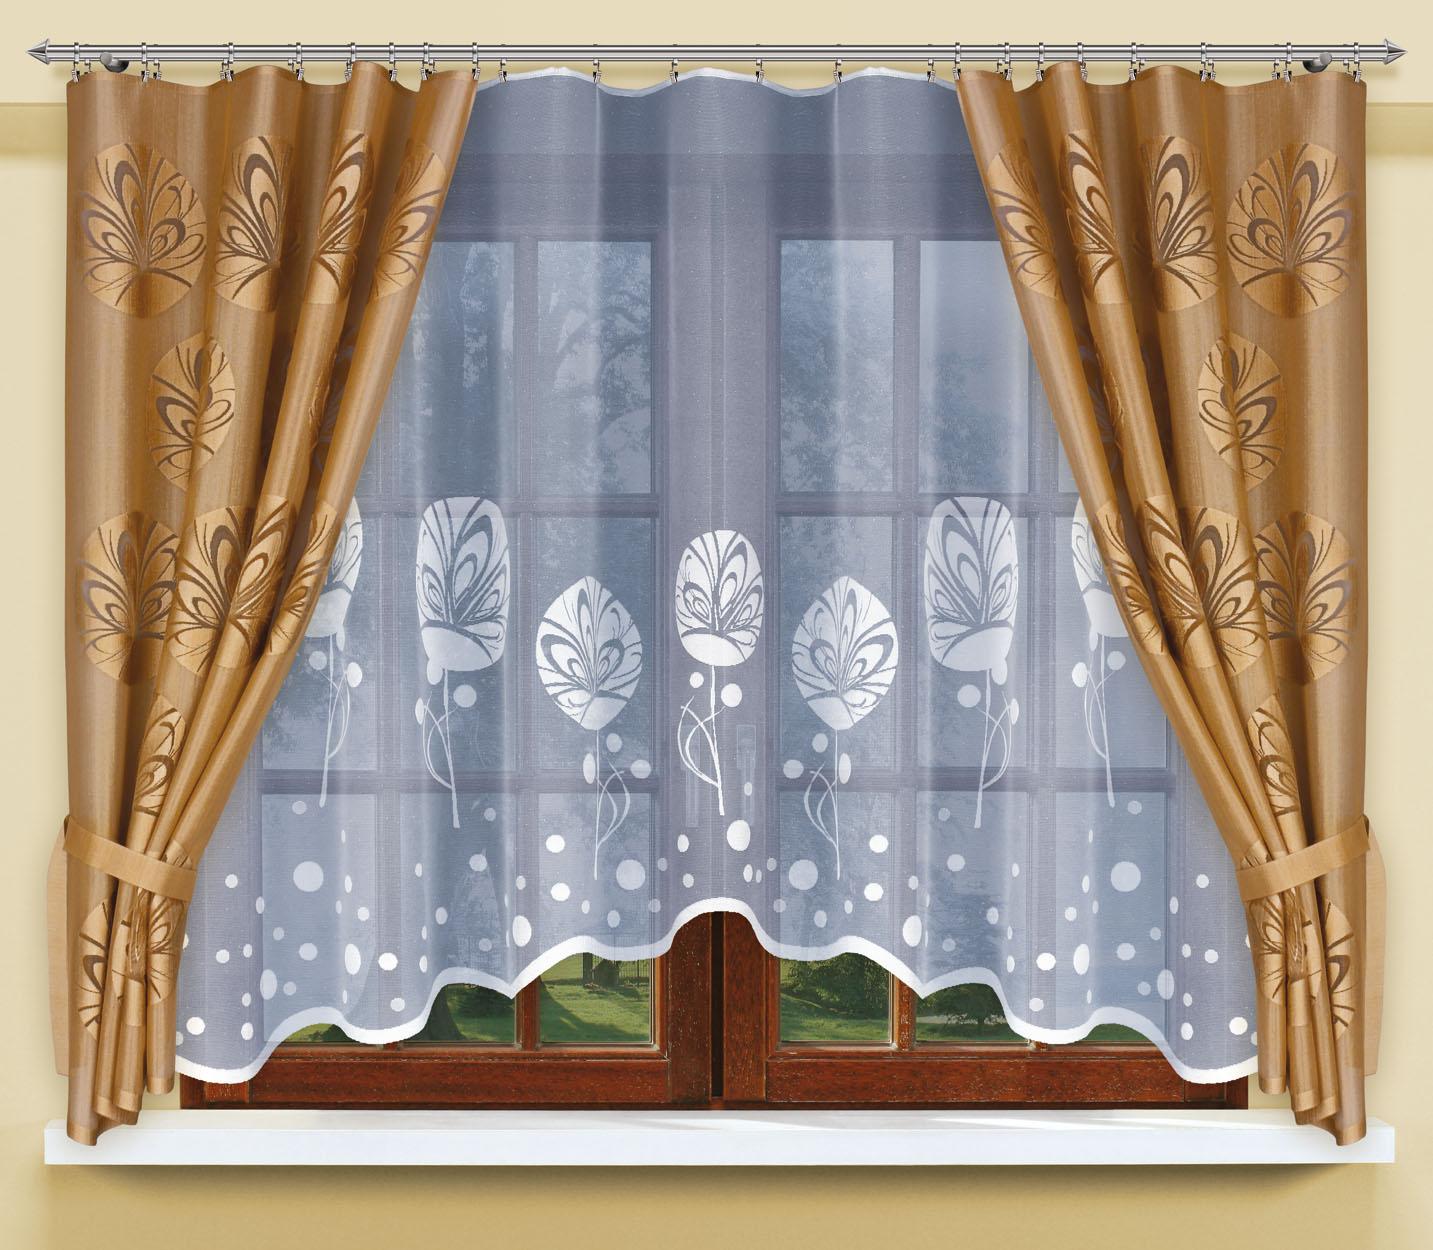 Комплект штор для кухни Haft, на ленте, цвет: бронзовый, белый, 3 предмета. 200471200471/160Комплект штор для кухни Haft великолепно украсит любое окно. Комплект состоит из тюли и двух портьер, выполненных из полиэстера.Изделие имеет приятную цветовую гамму и органично впишется в интерьер помещения. Этот комплект будет долгое время радовать вас и вашу семью!Комплект крепится на карниз при помощи ленты, которая поможет красиво иравномерно задрапировать верх.